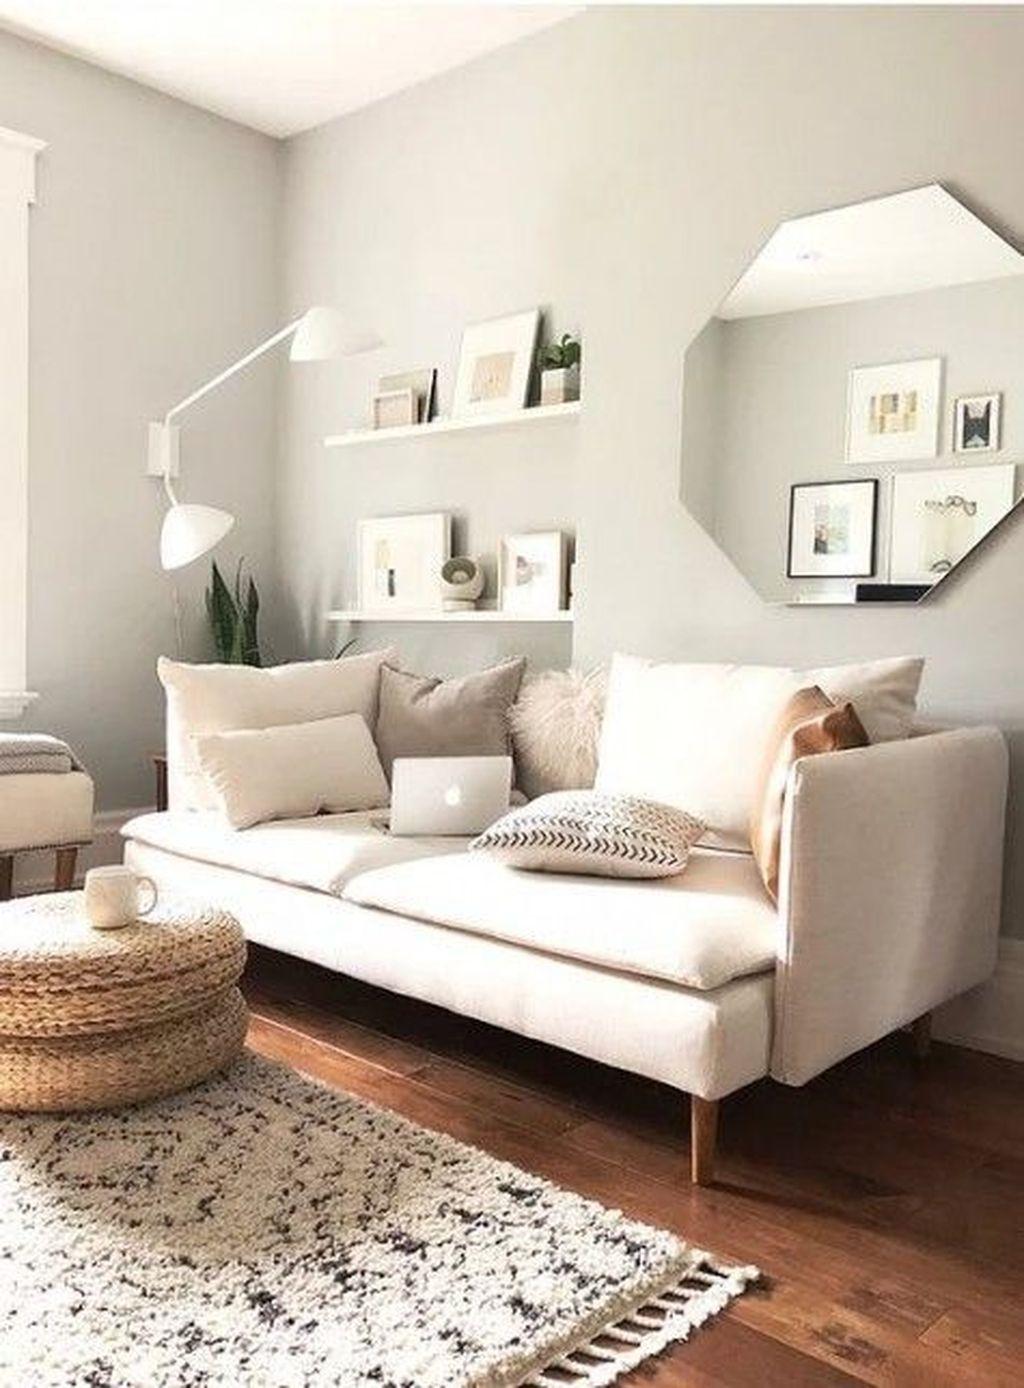 Amazing Contemporary Living Room Design Ideas You Should Copy 11